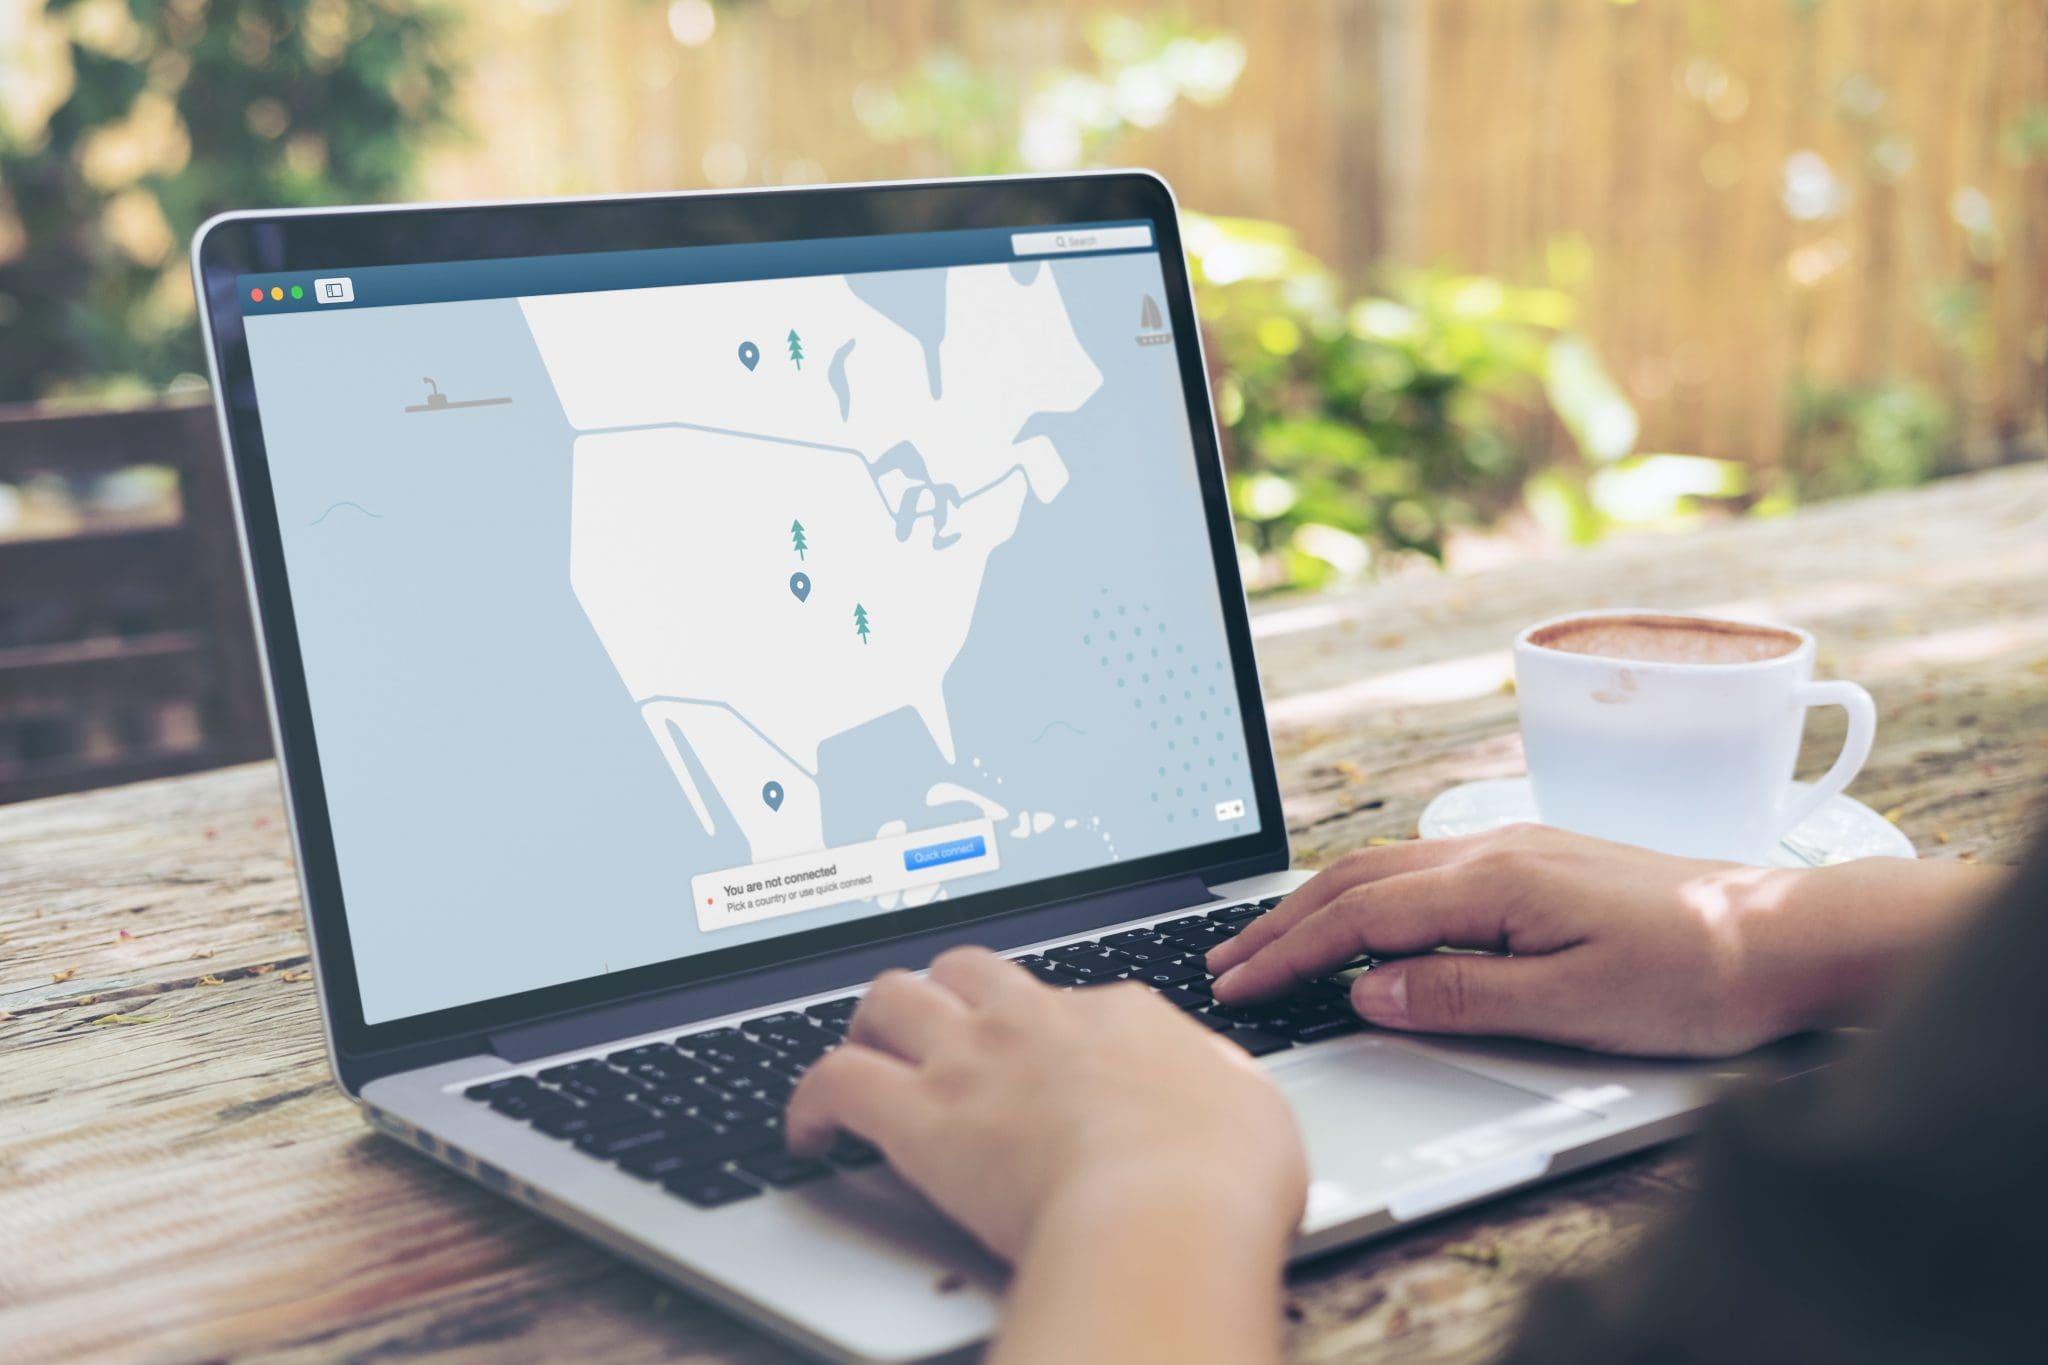 Чи може провайдер бачити, які сайти ви відвідуєте?